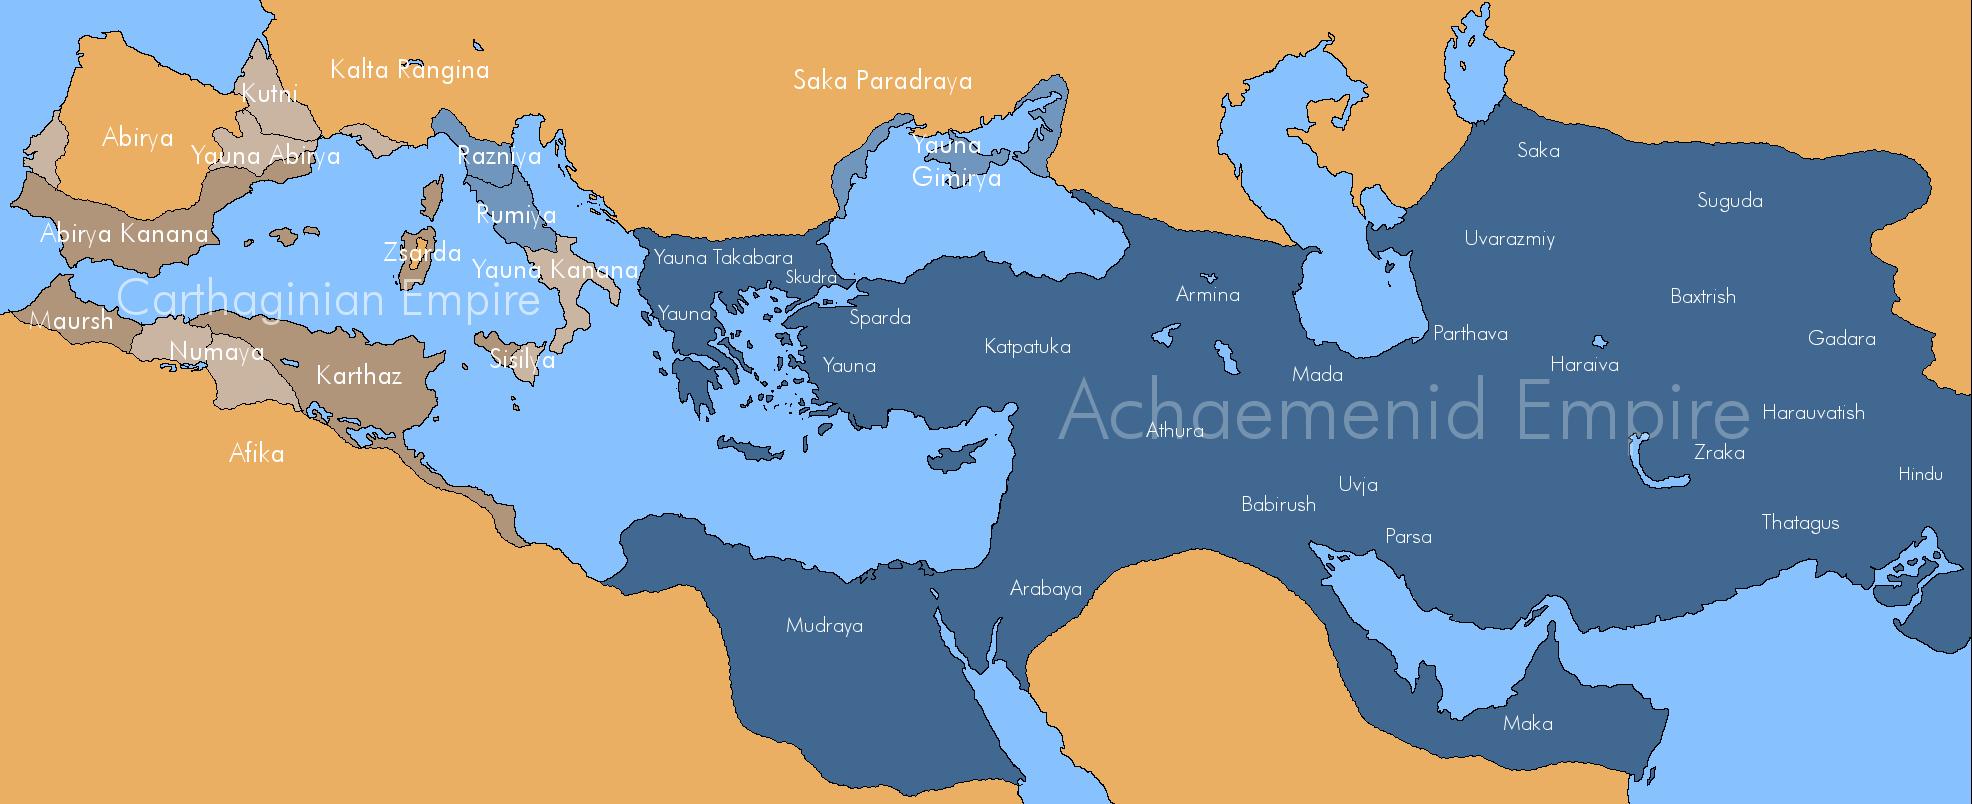 گستردگی امپراتوری هخامنشیان